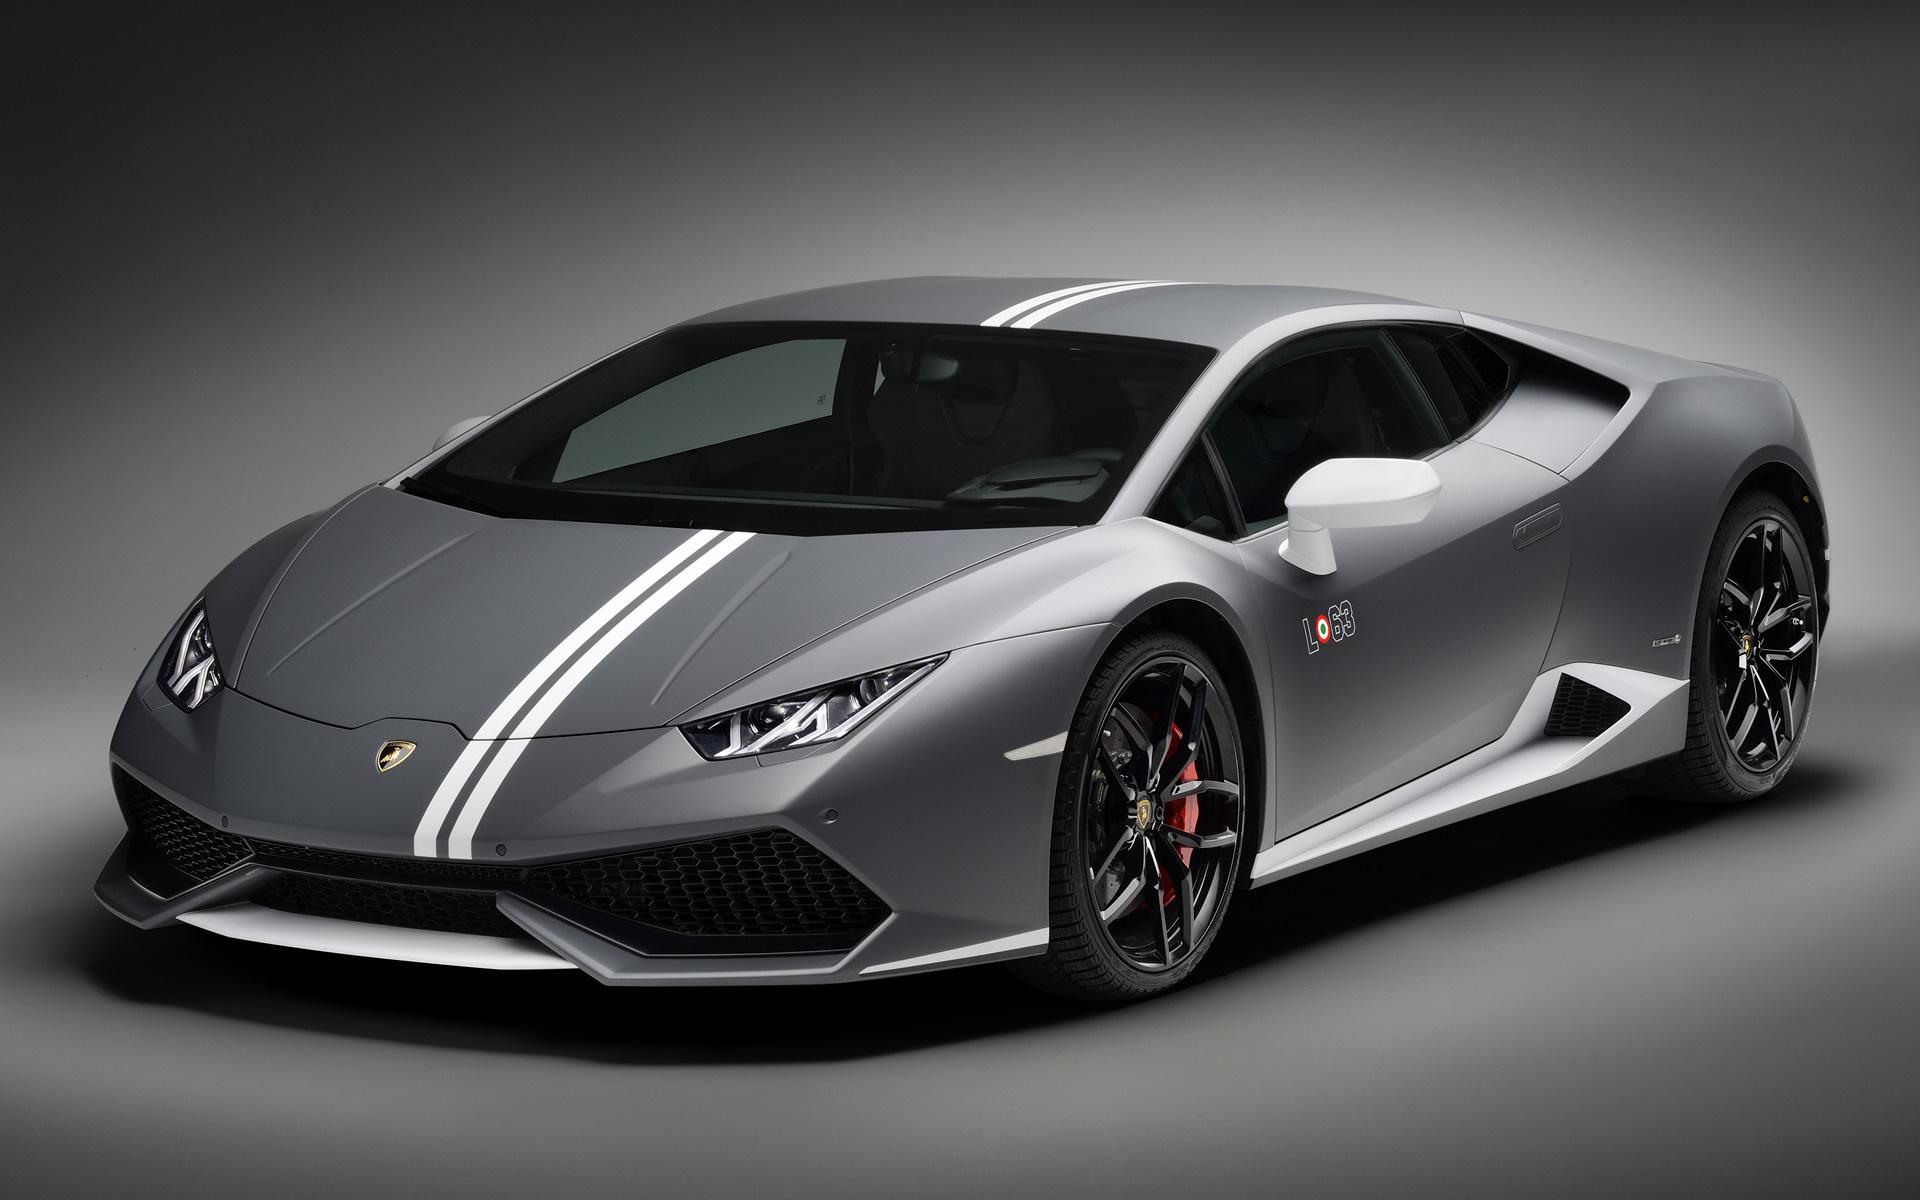 lamborghini-huracan-lp-610-4-avio-car-wallpaper-47274 Exciting Lamborghini Huracán Lp 610-4 Cena Cars Trend